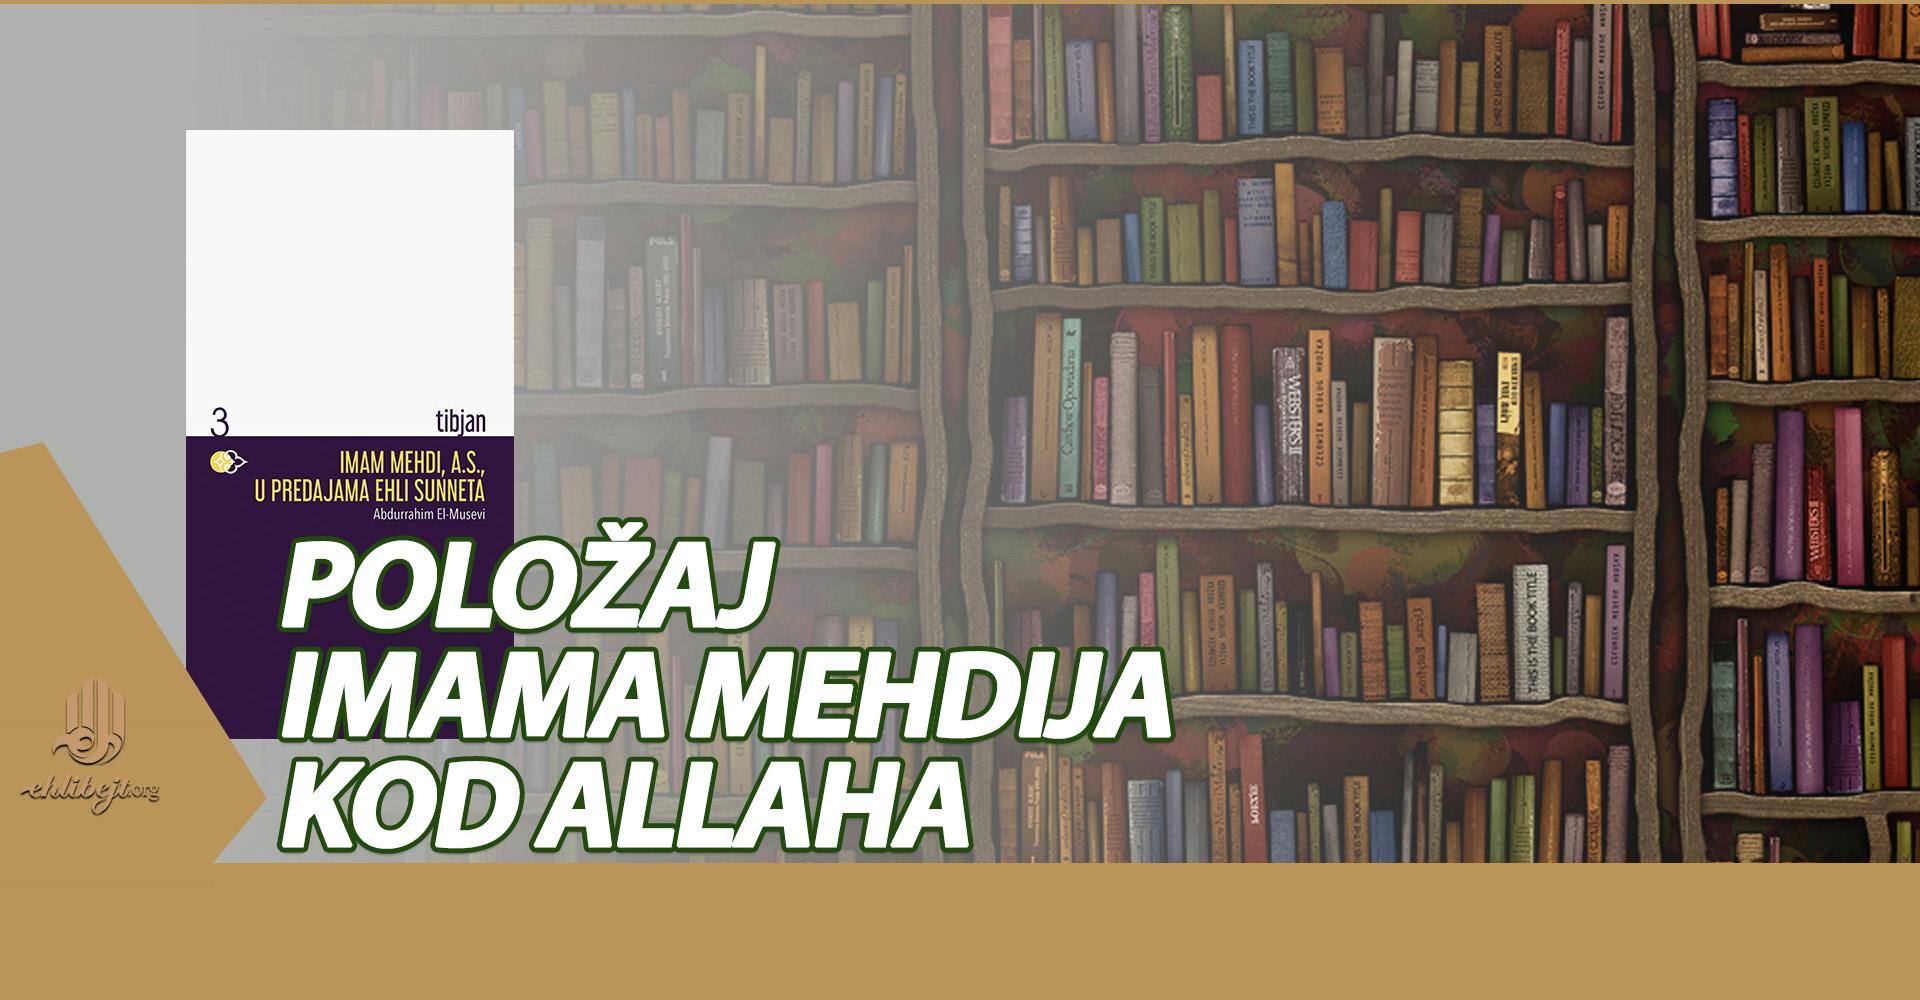 Imam Mehdi, a.s., u predajama ehli sunneta (VI)